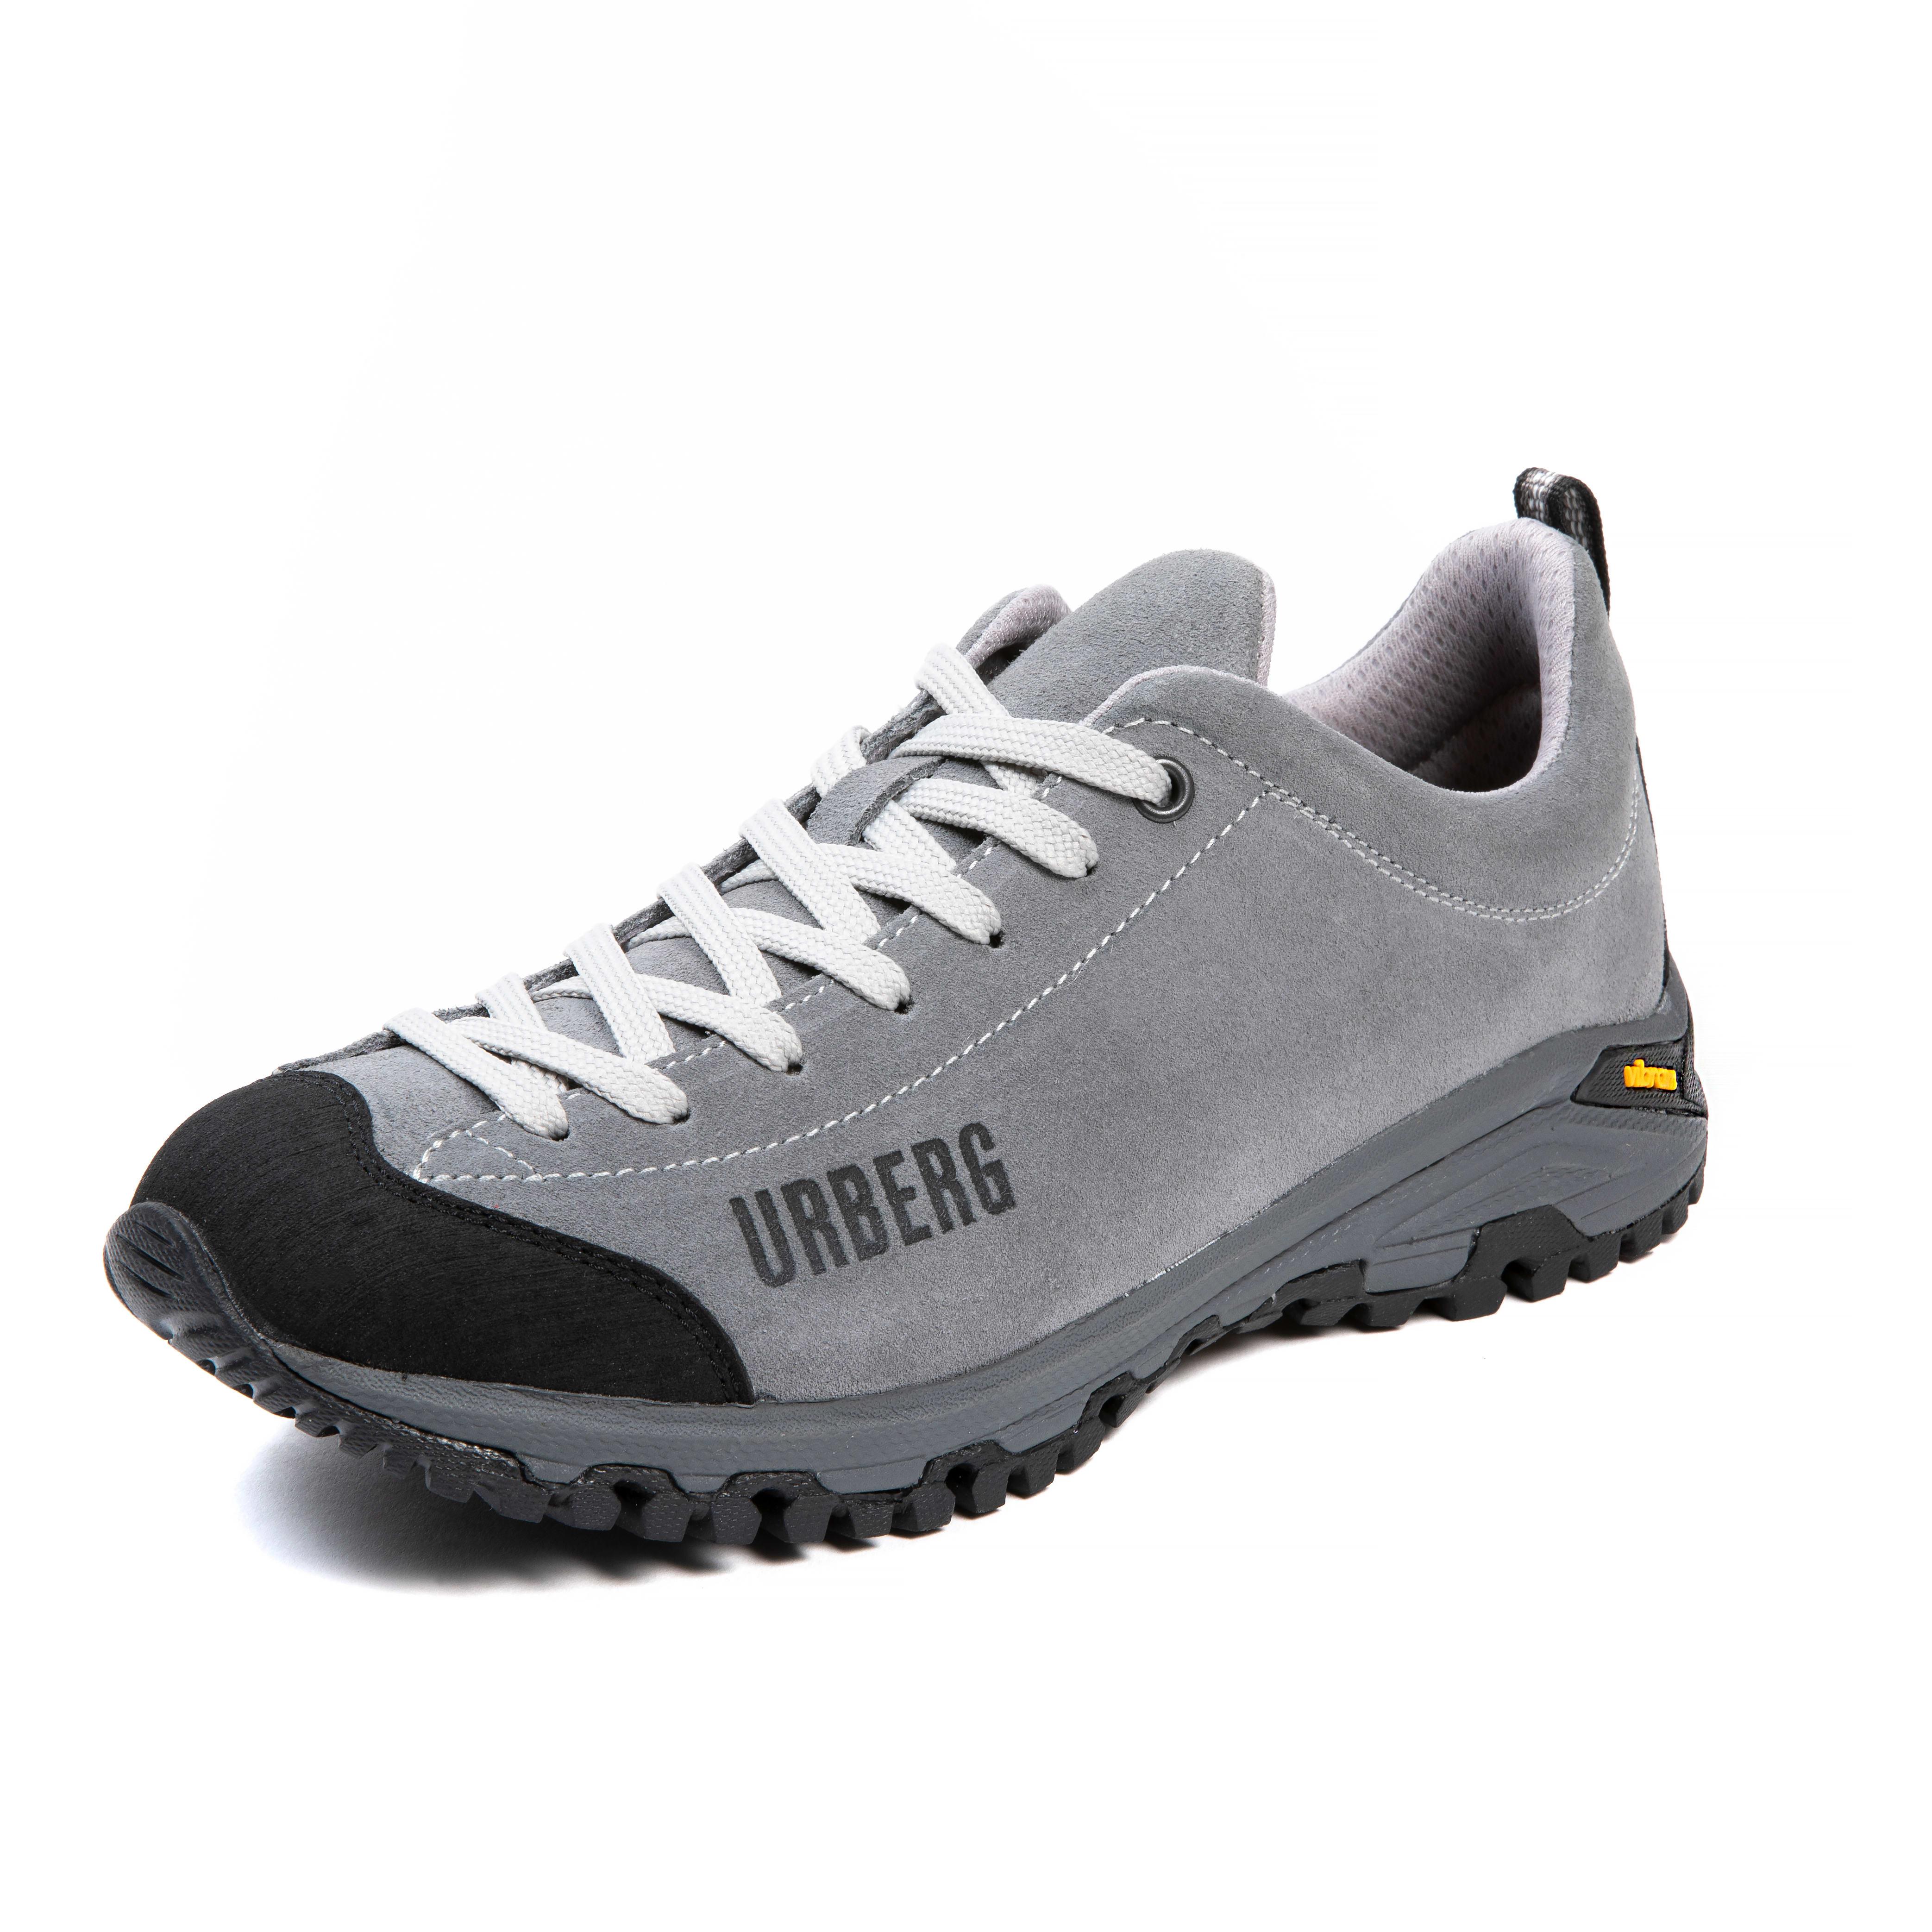 de8ade77373 Kjøp Urberg Grövelsjö Women's Hiking Shoe fra Outnorth